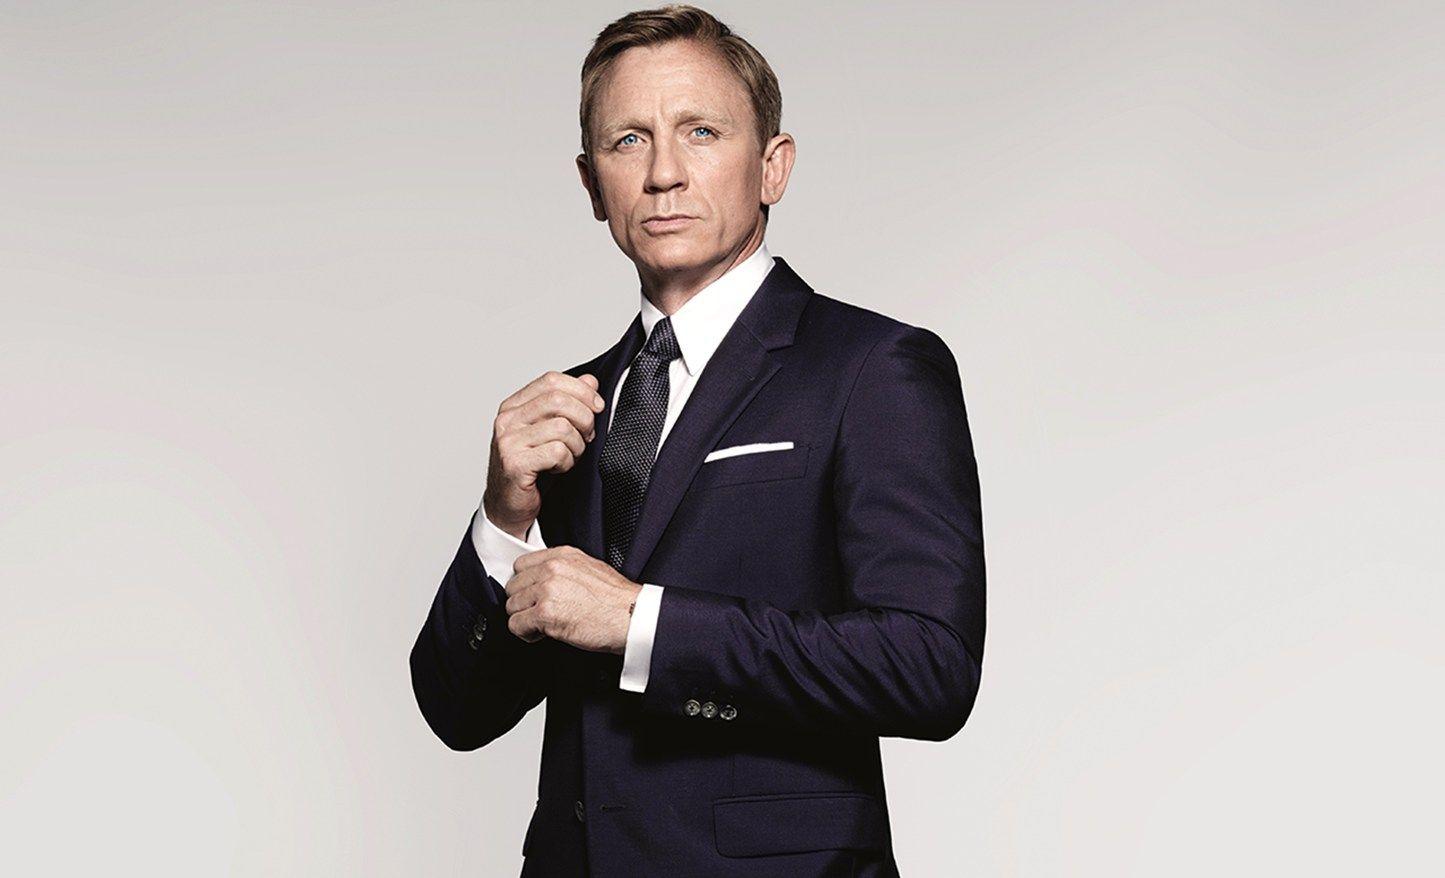 193b20de571 Poucos personagens do cinema conseguem ser tão elegantes quanto o agente  secreto. Saiba como ter estilo usando o 007 como inspiração